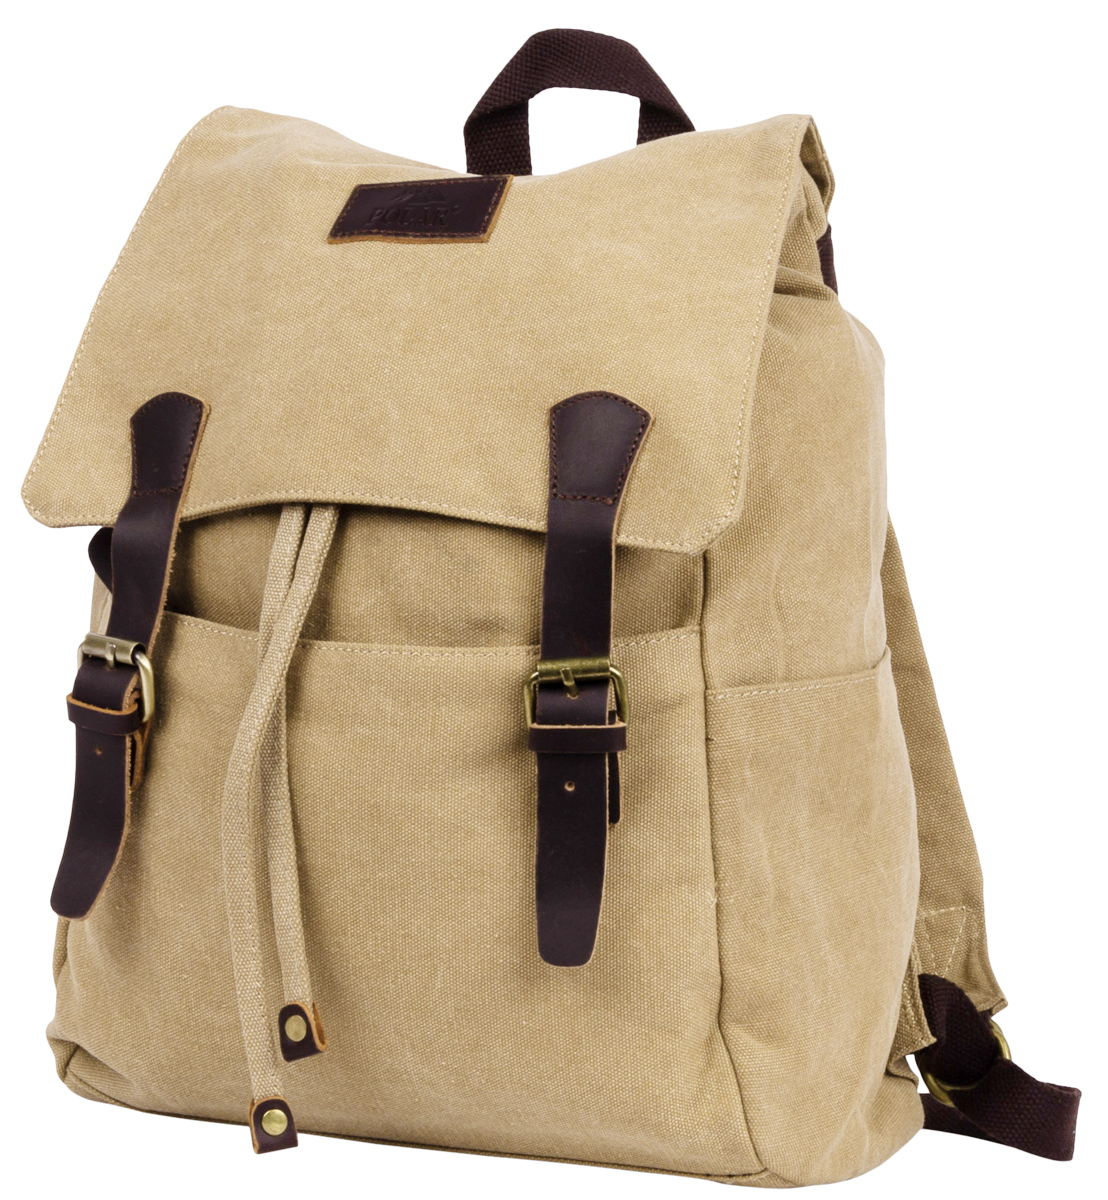 Рюкзак городской Polar Adventure, цвет: бежевый, 18,5 л. п3302-13 рюкзак городской polar 21 5 л цвет желтый п1563 03